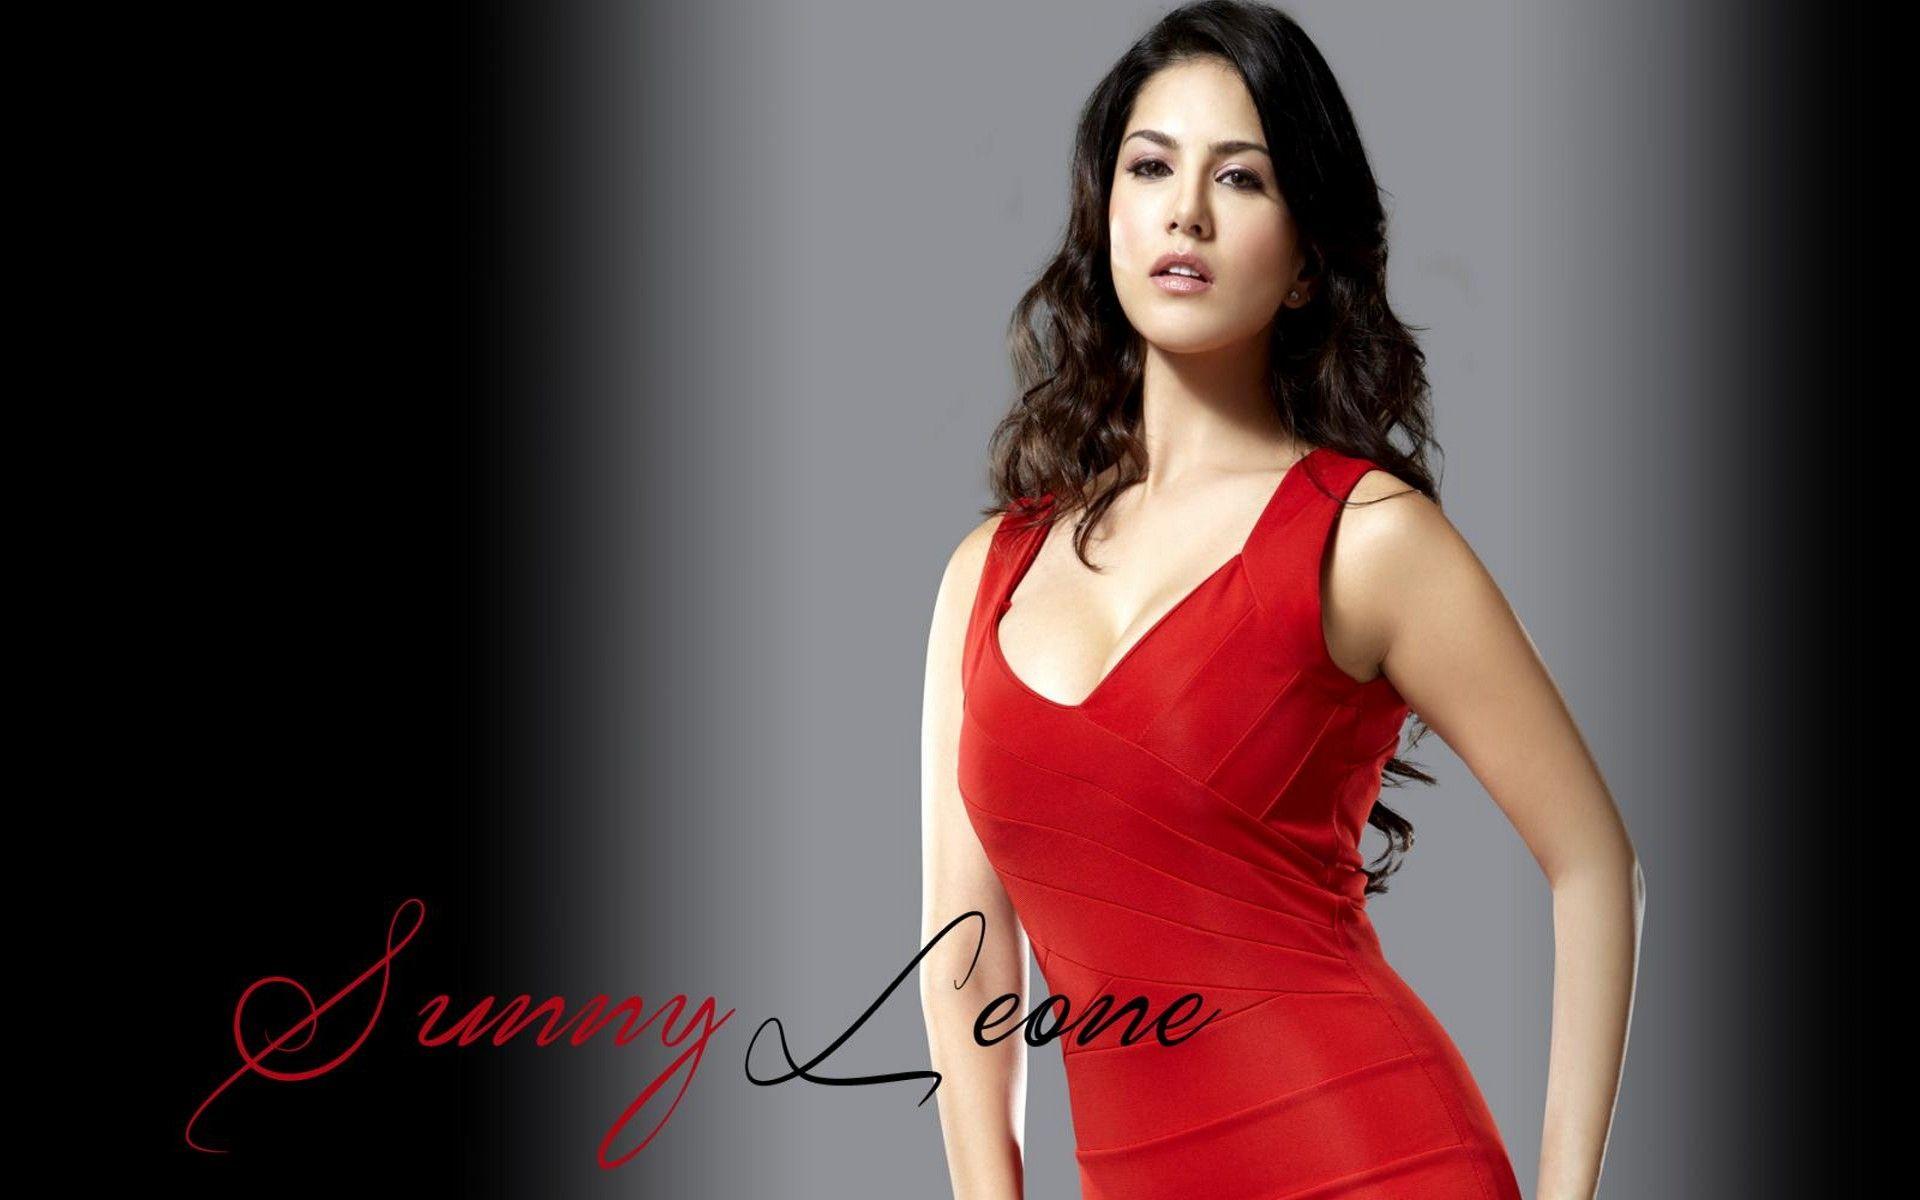 Download Sunny Leone Hd wallpaper